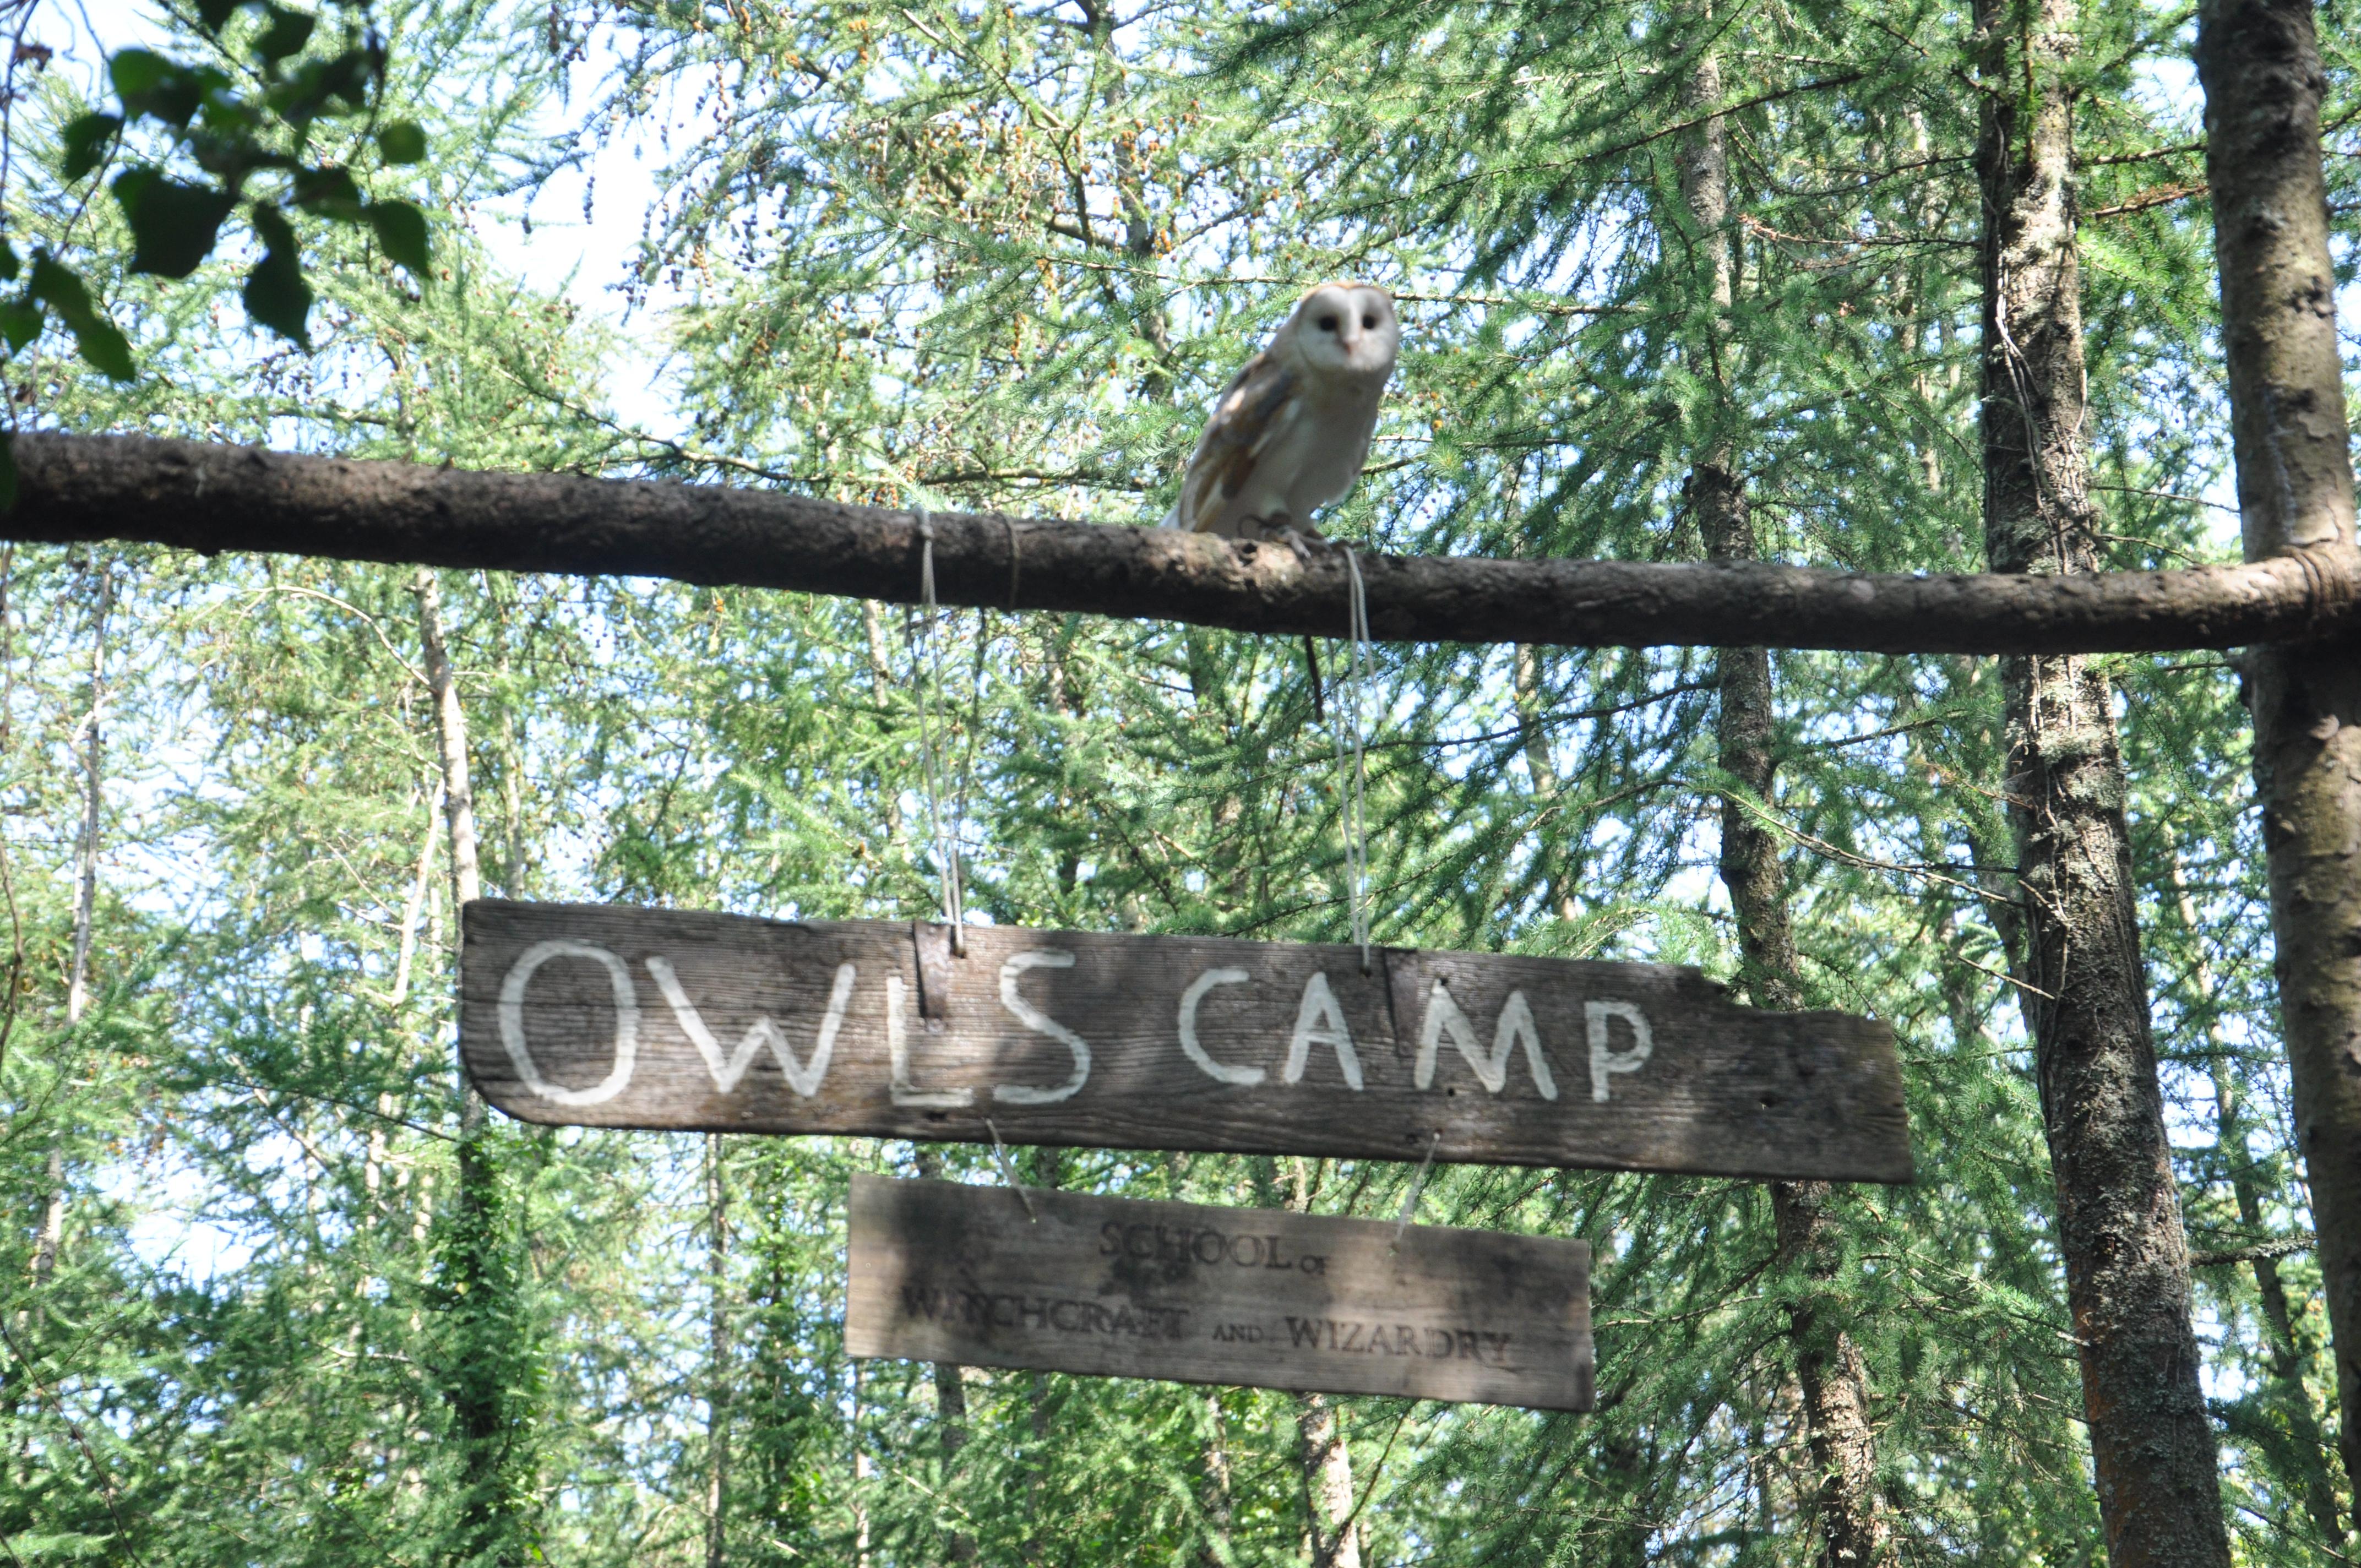 OWLS CAMP